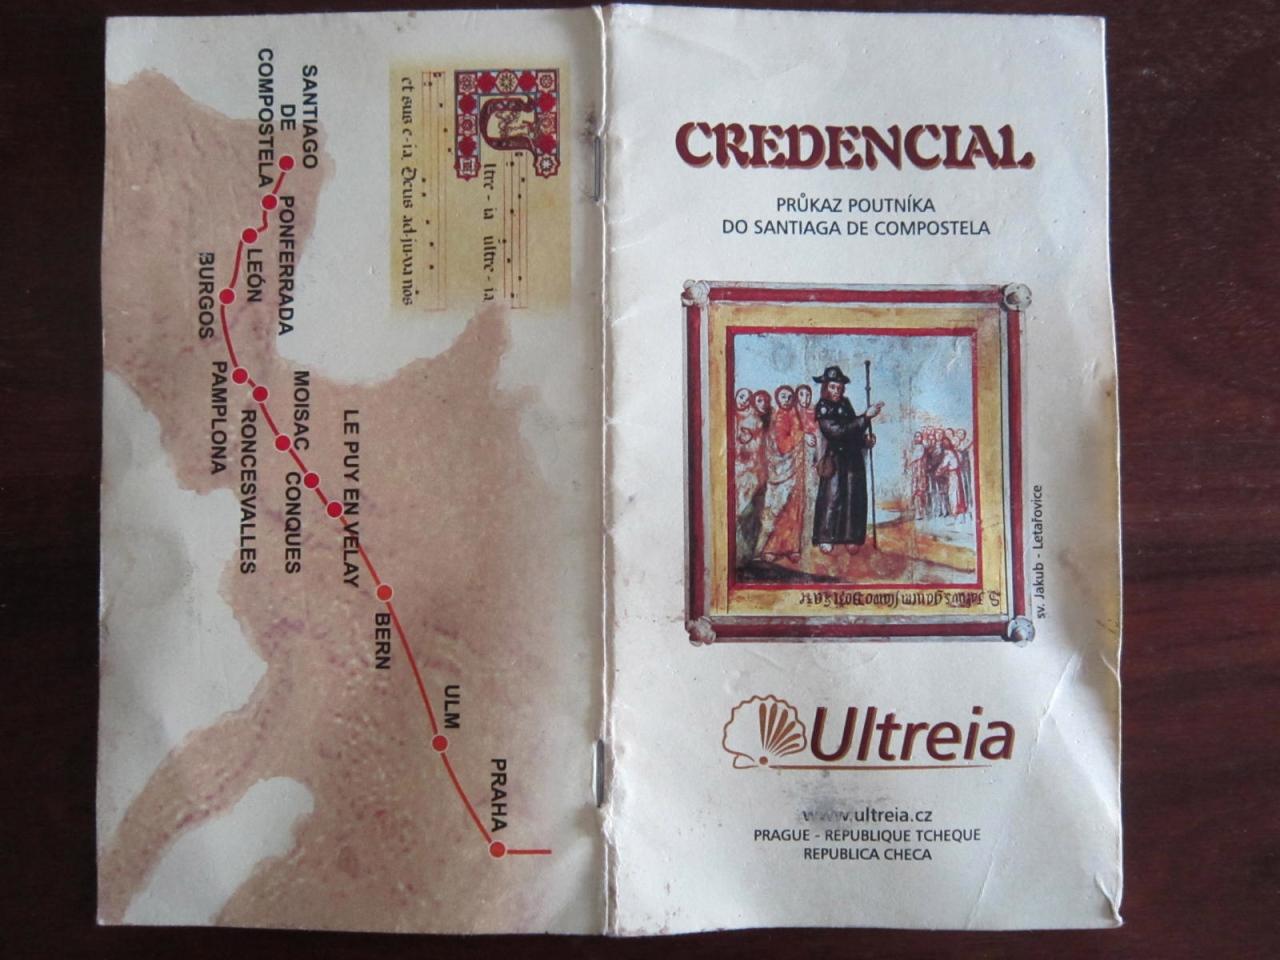 My Pilgrim Credential / Credencial / PilgrimPassport